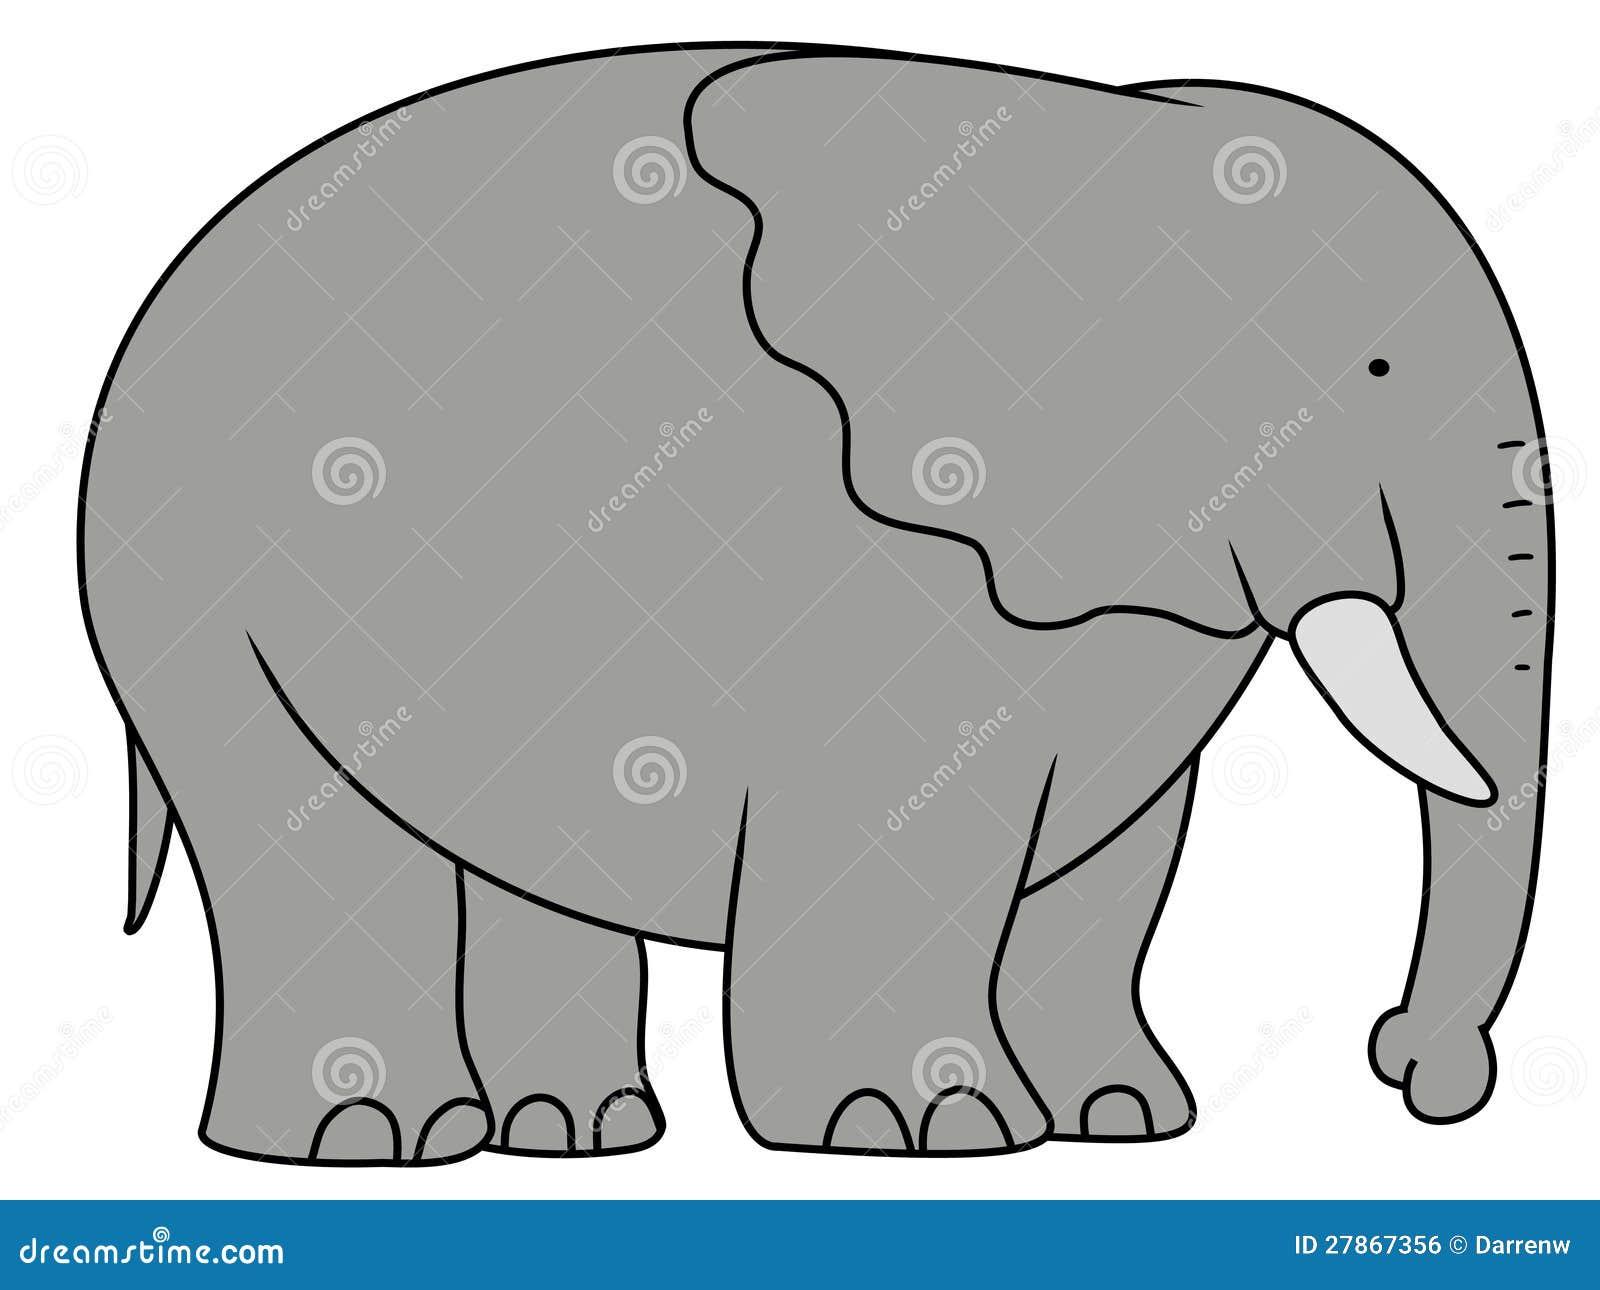 Big Elephant Royalty Free Stock Image Image 27867356